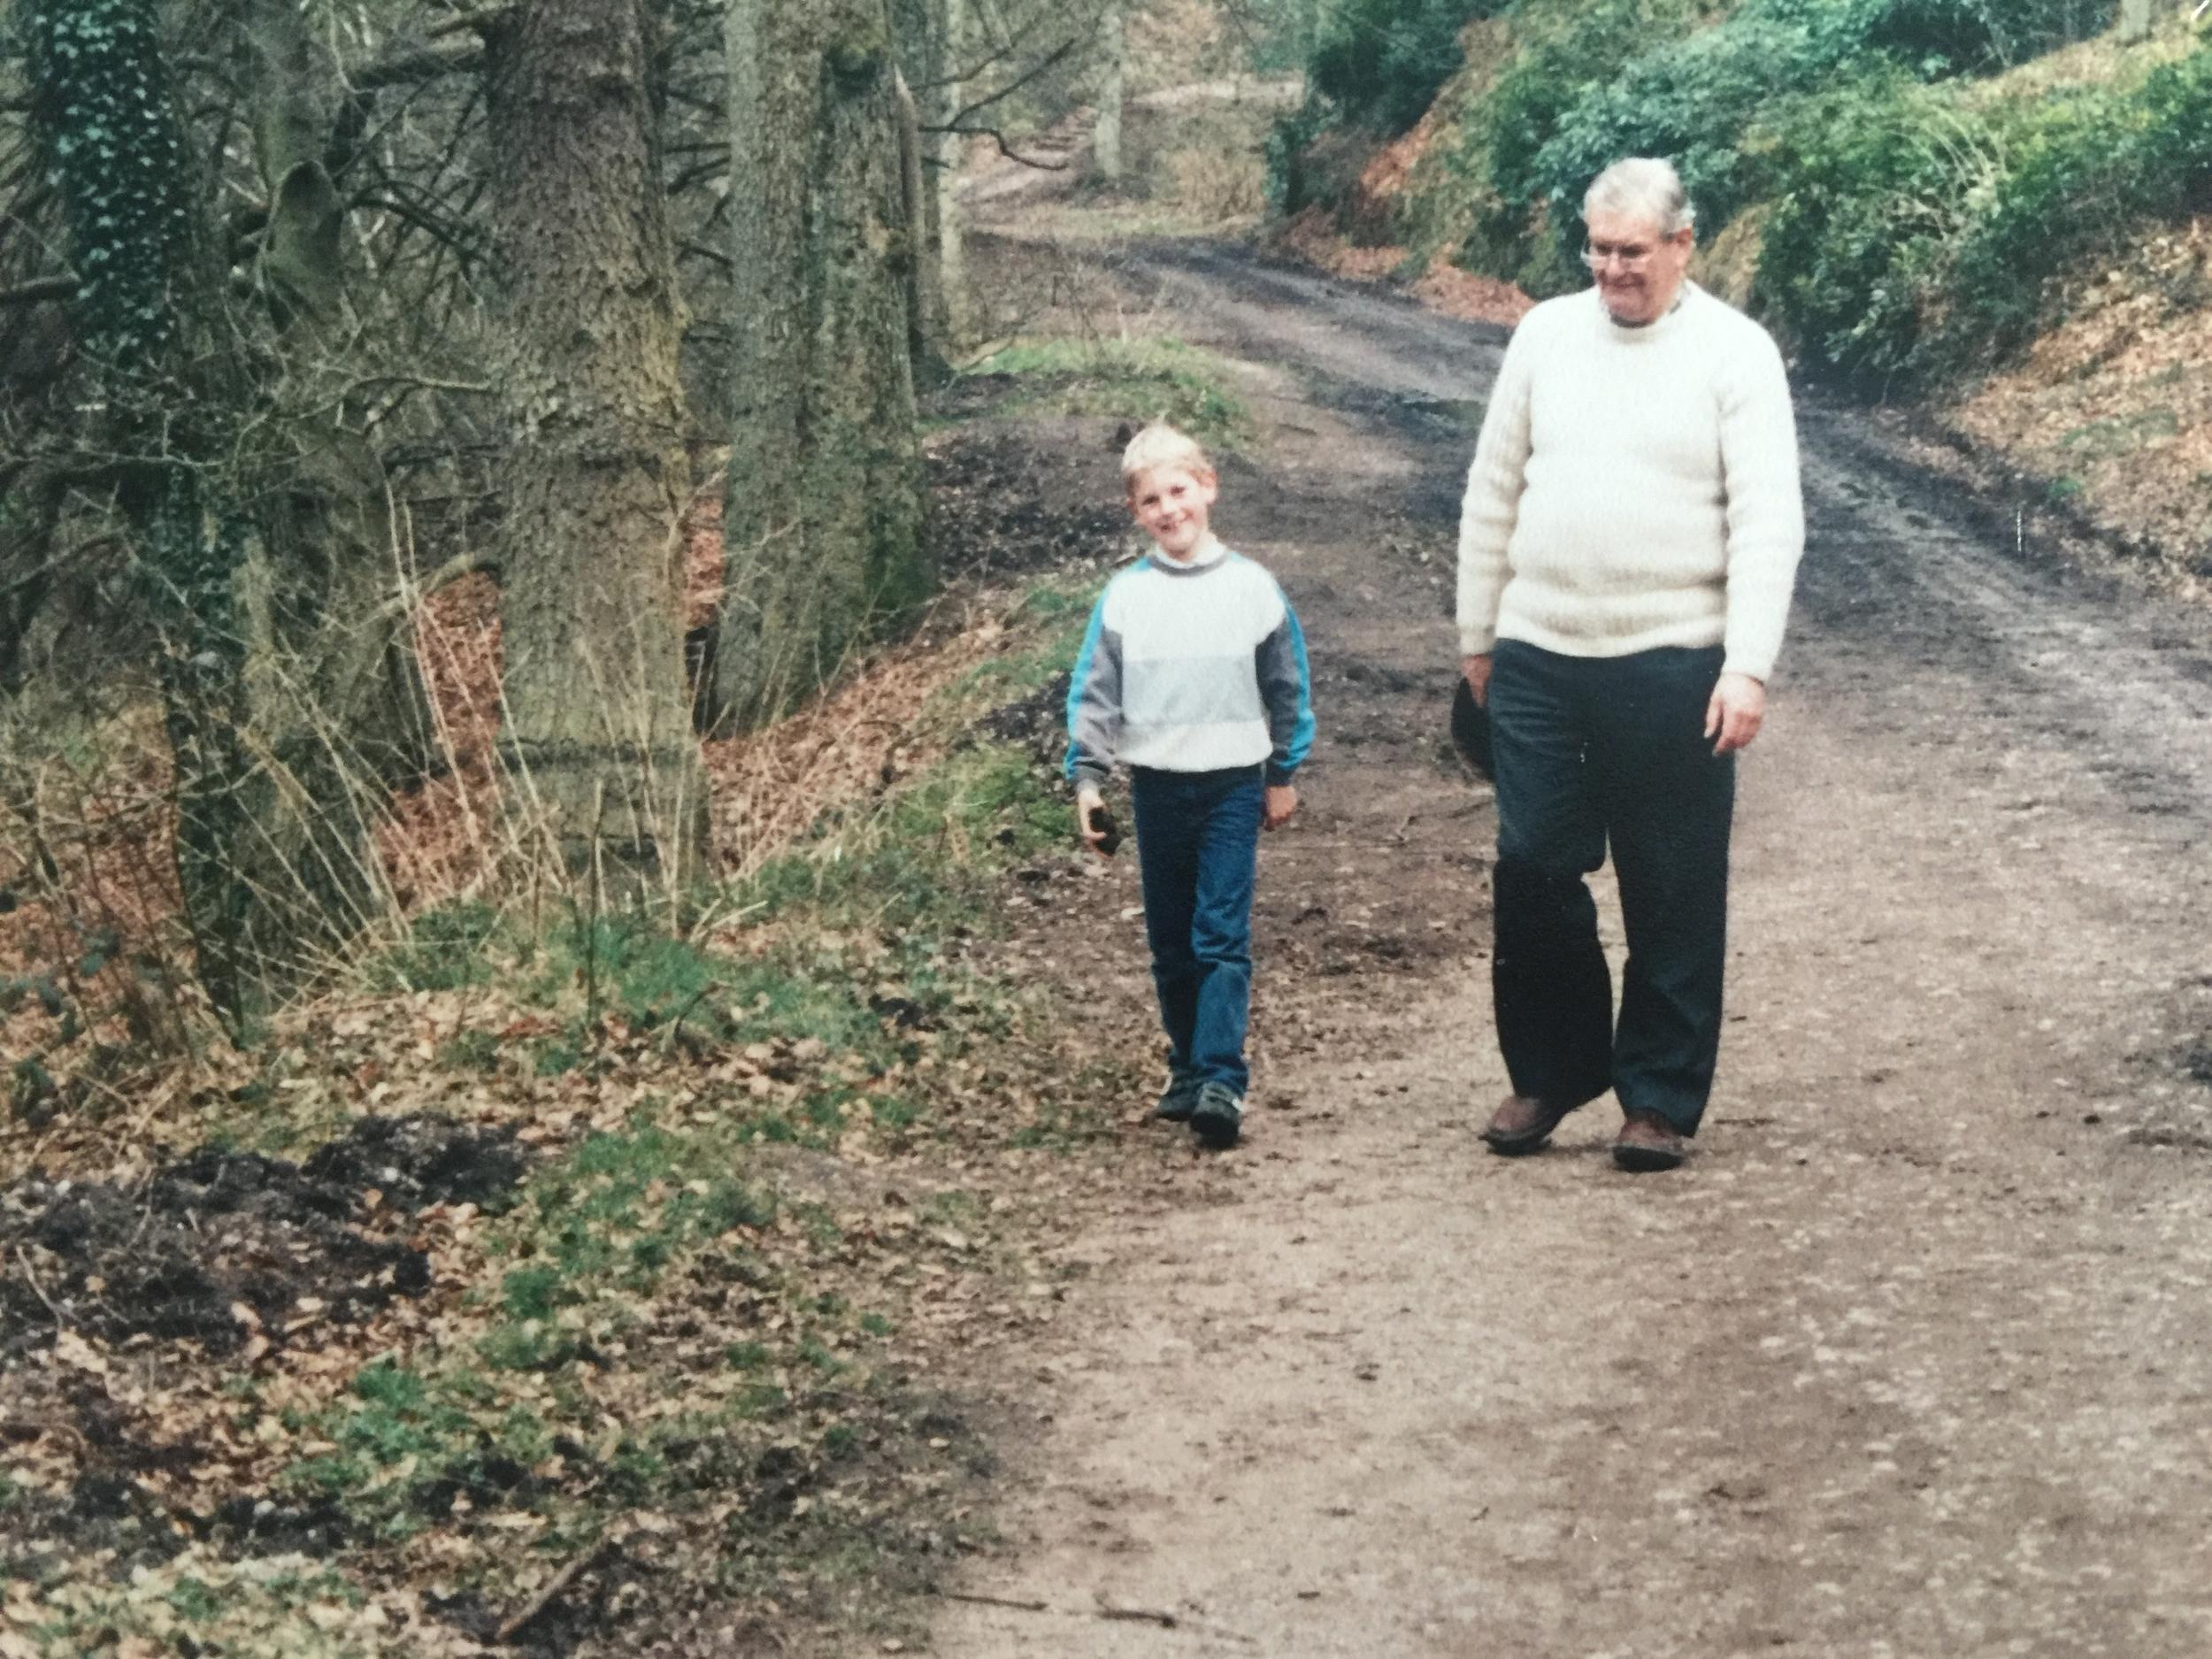 Poppa and I